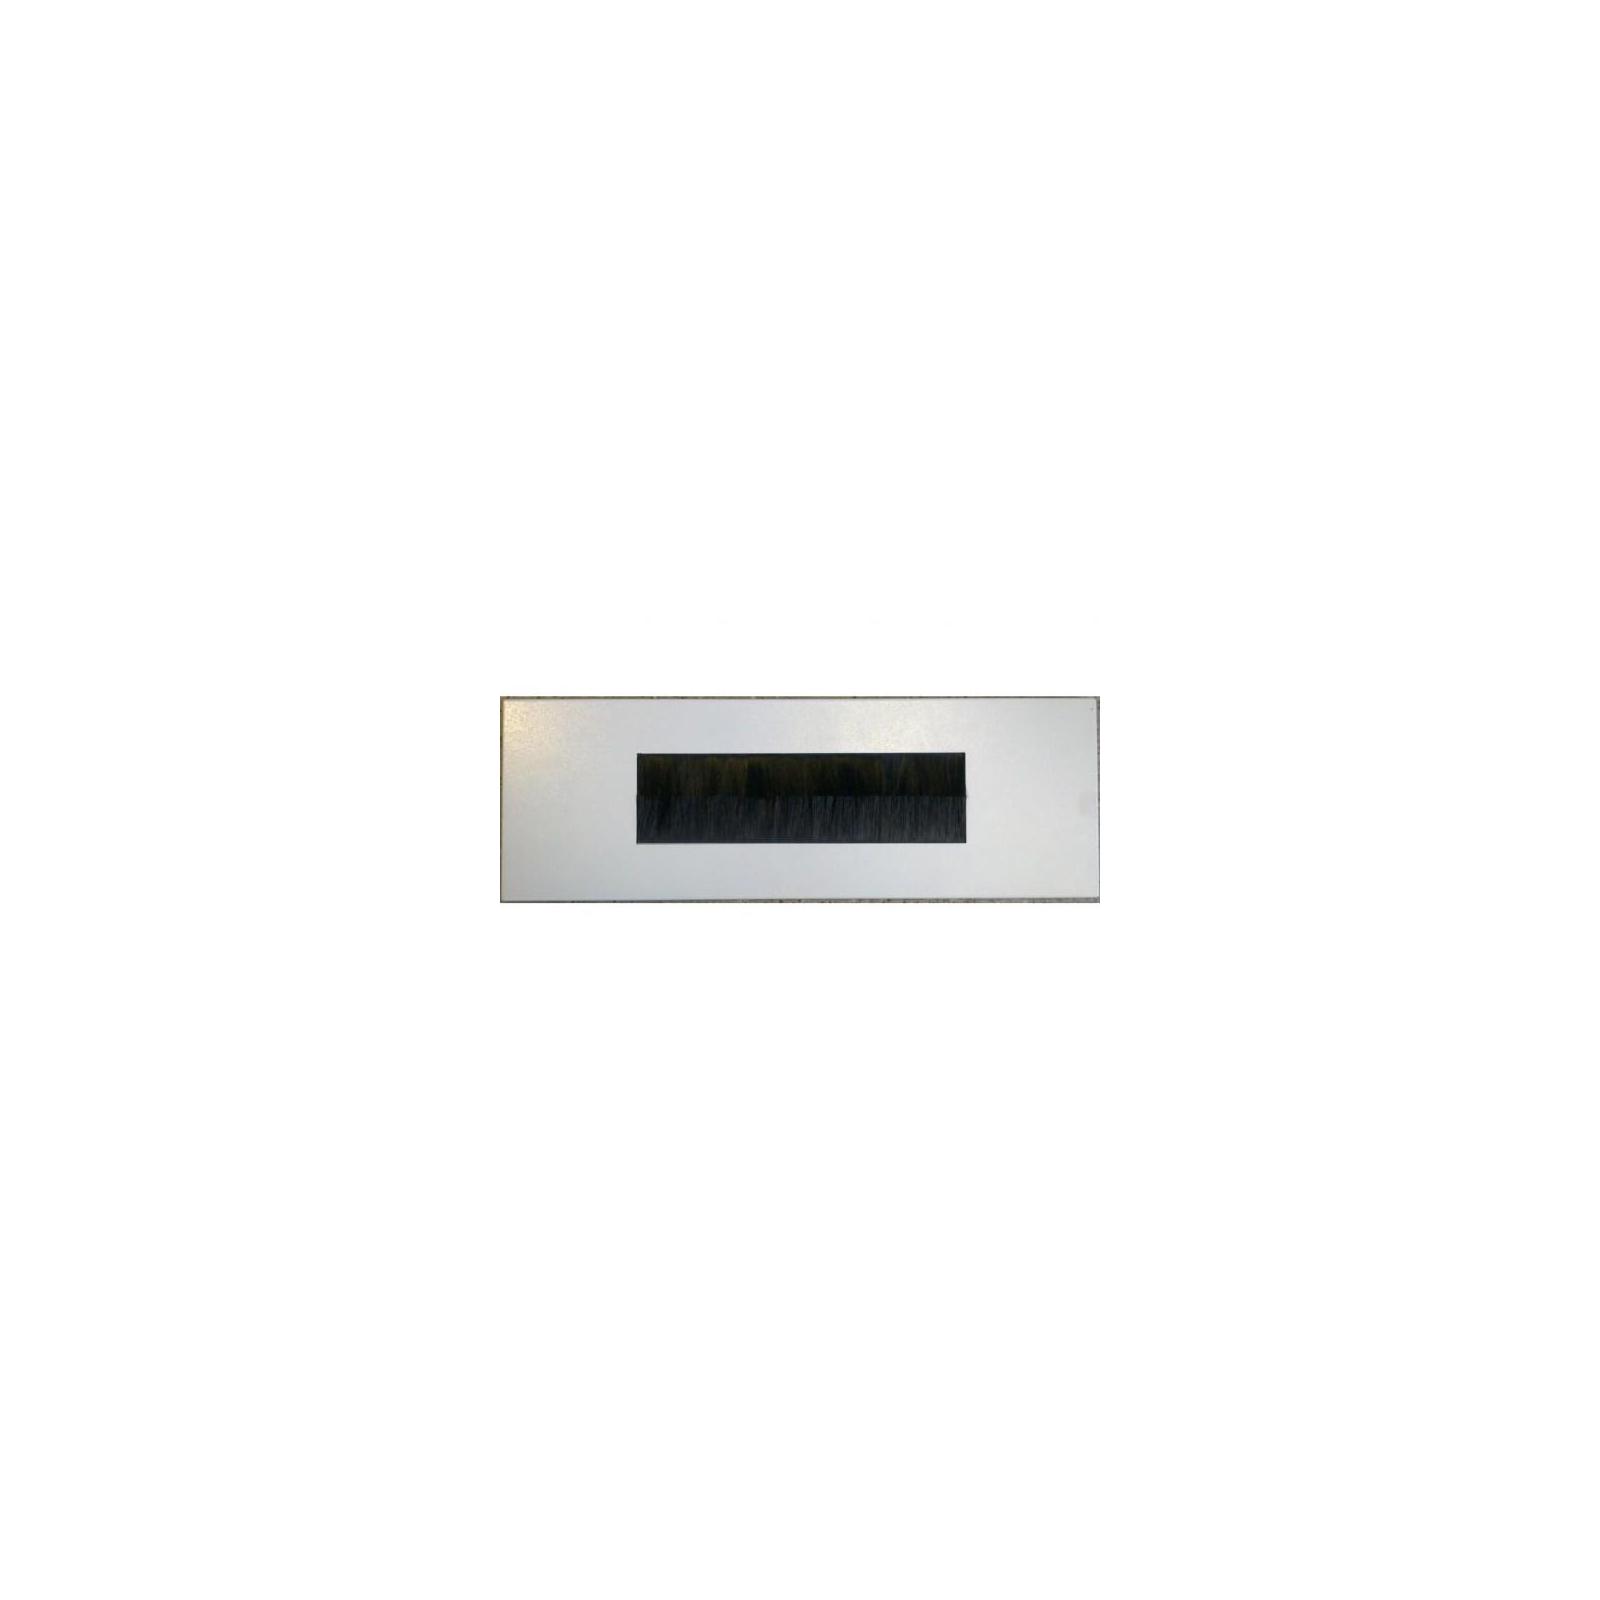 Шкаф напольный CSV 42U Rackmount S 800x1200 Acrylic изображение 3